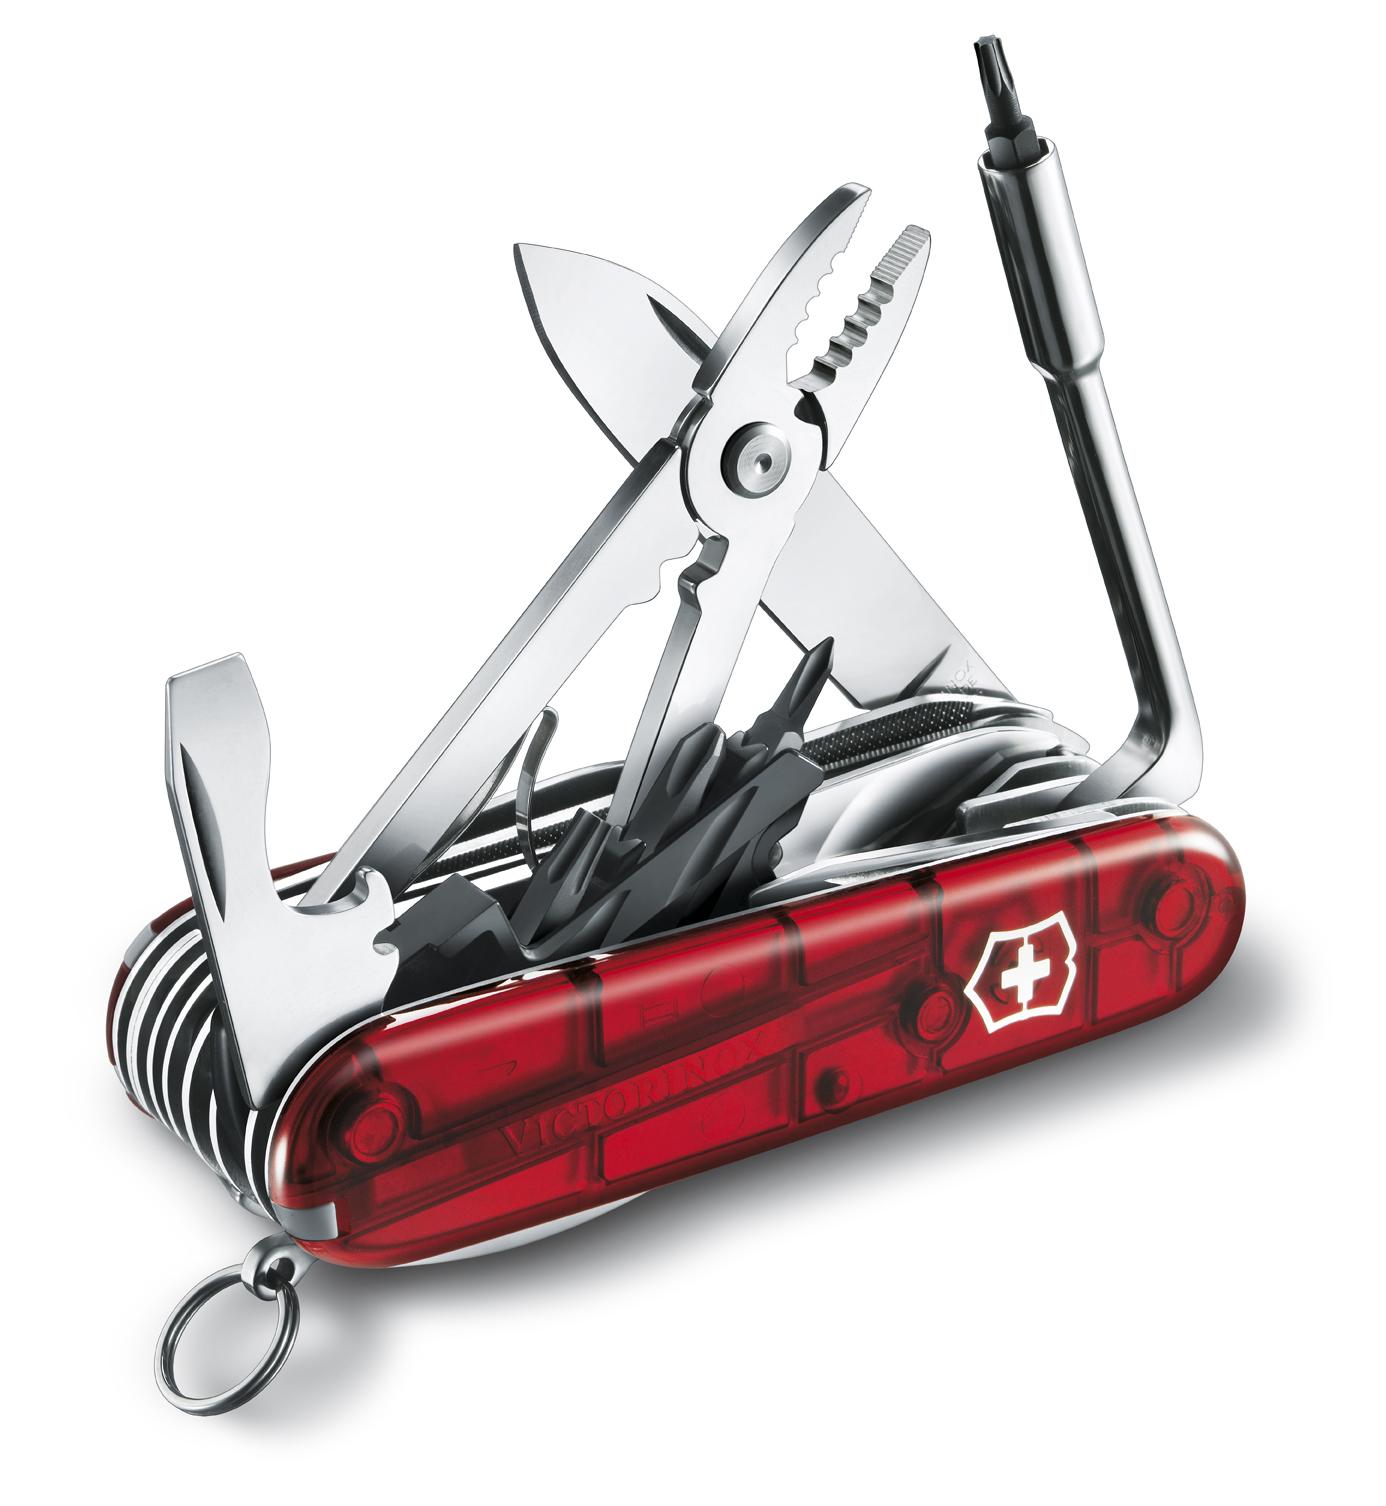 Швейцарский нож Victorinox CyberTool, 91 мм, 41 функ, красный полупрозрачный  (1.7775.T)